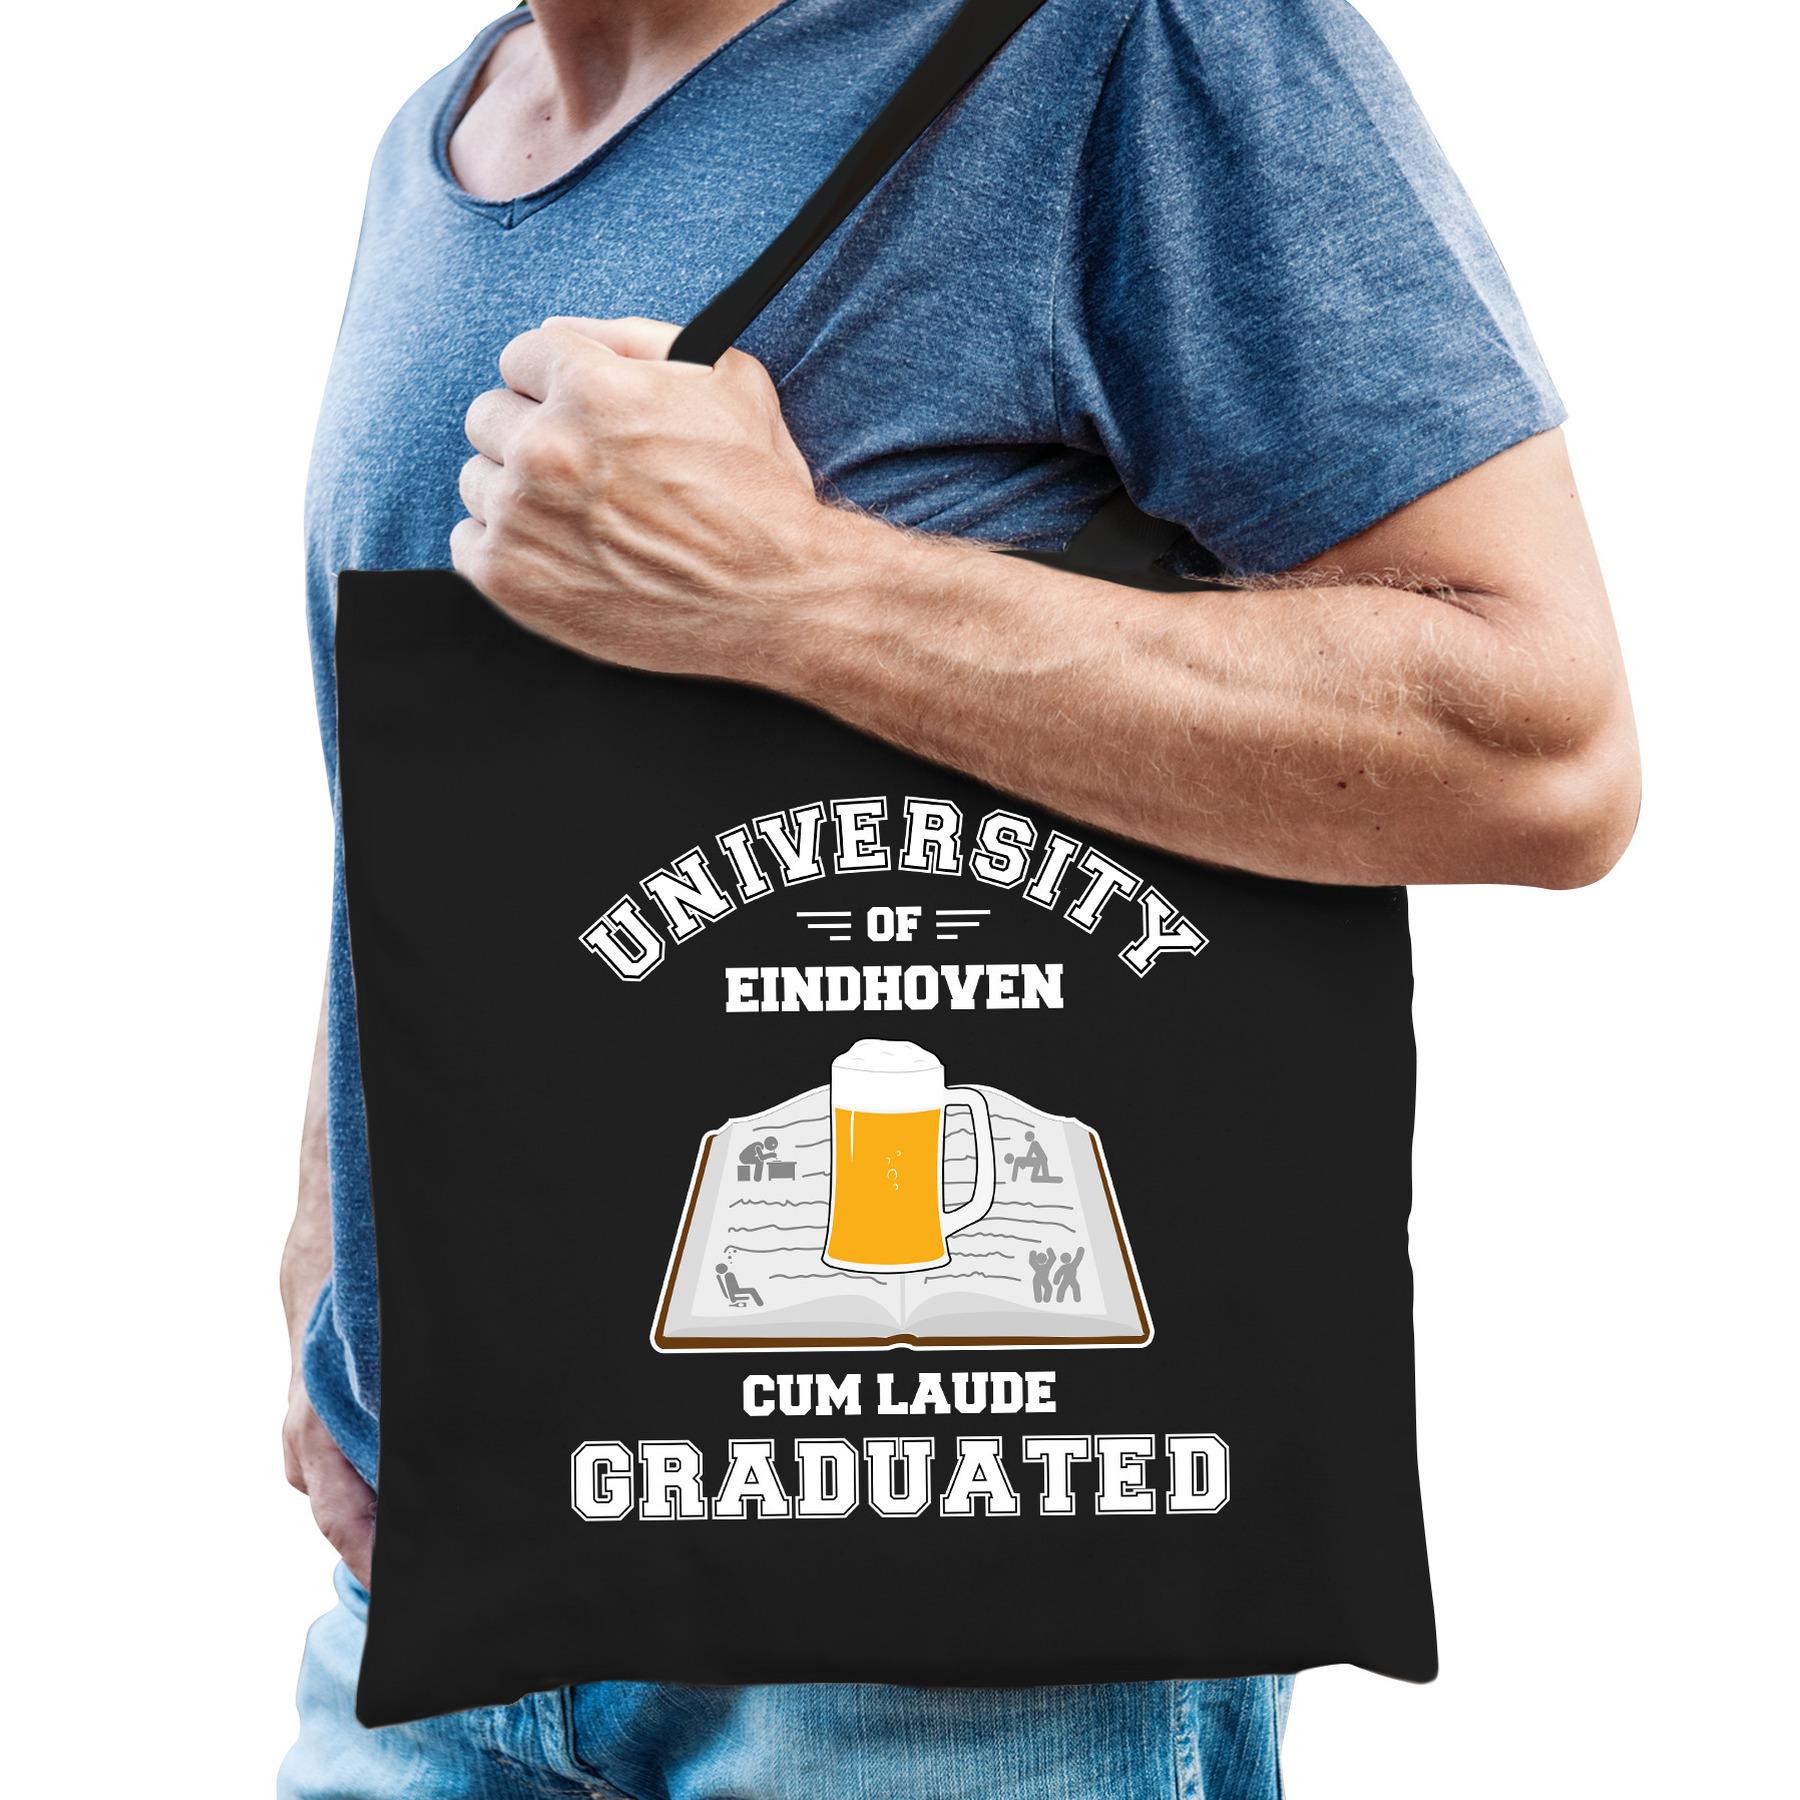 Studenten carnaval verkleed tas zwart university of Eindhoven afgestudeerd heren